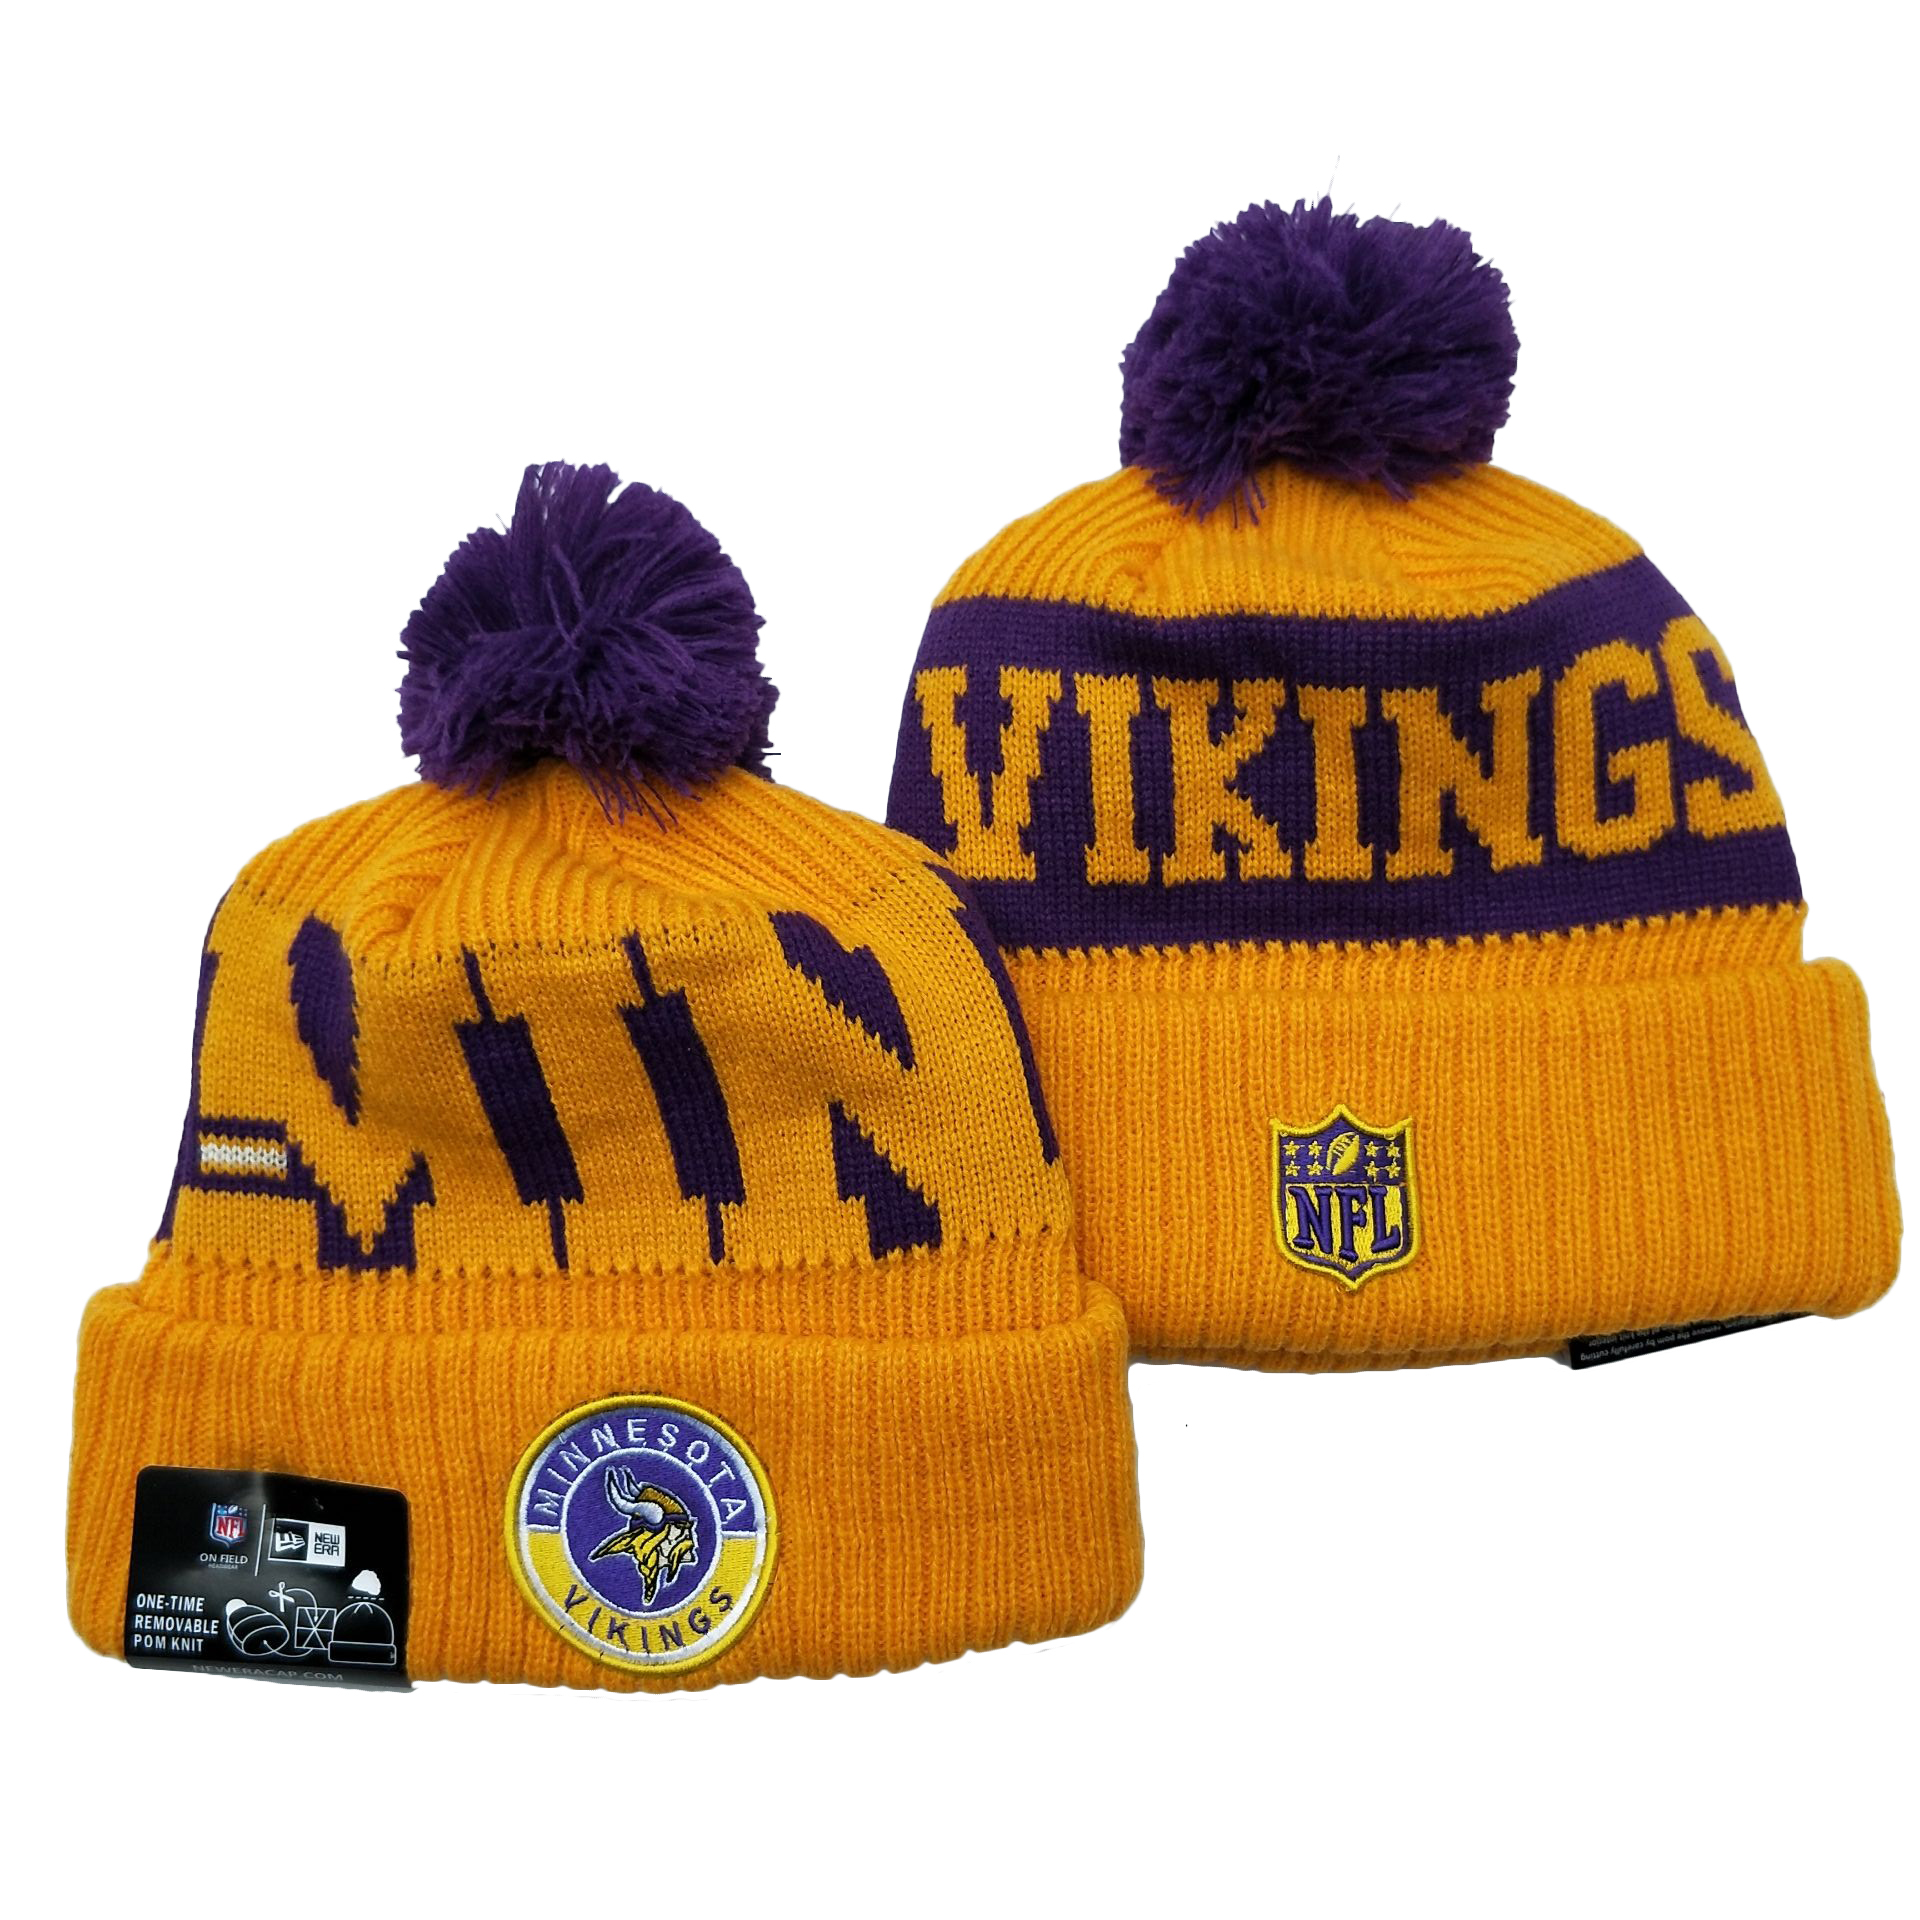 Vikings Team Logo Yellow 2020 NFL Sideline Pom Cuffed Knit Hat YD